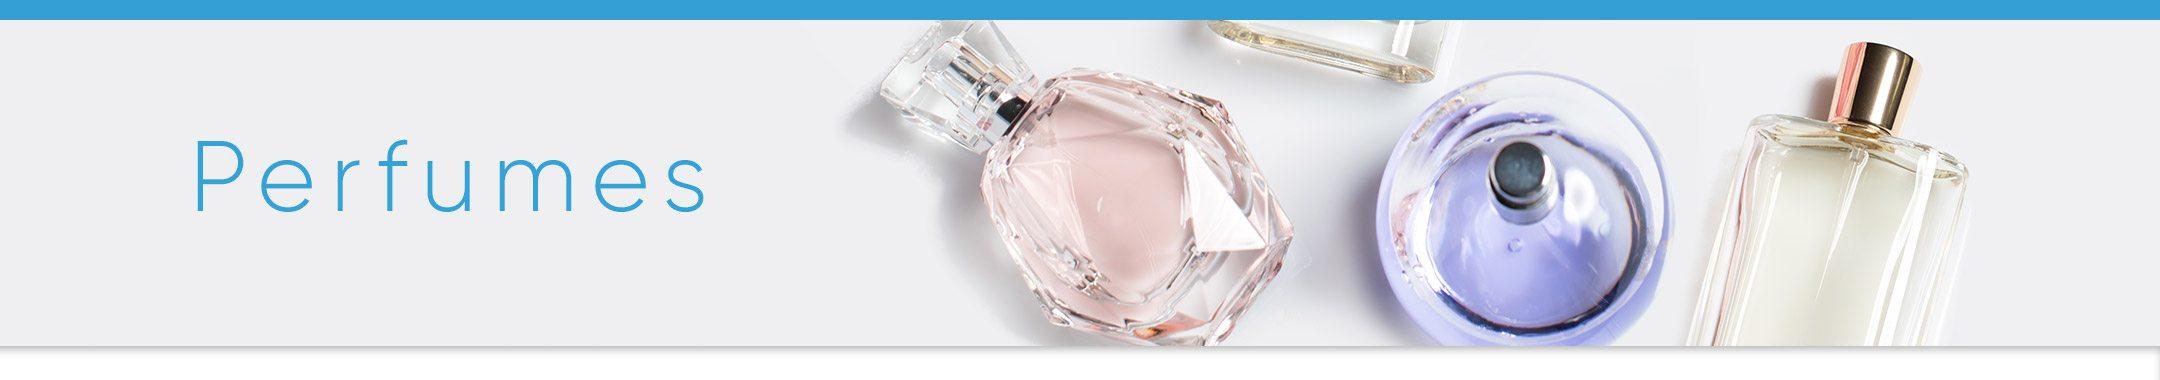 Cosméticos mais procurados nos EUA Perfumes